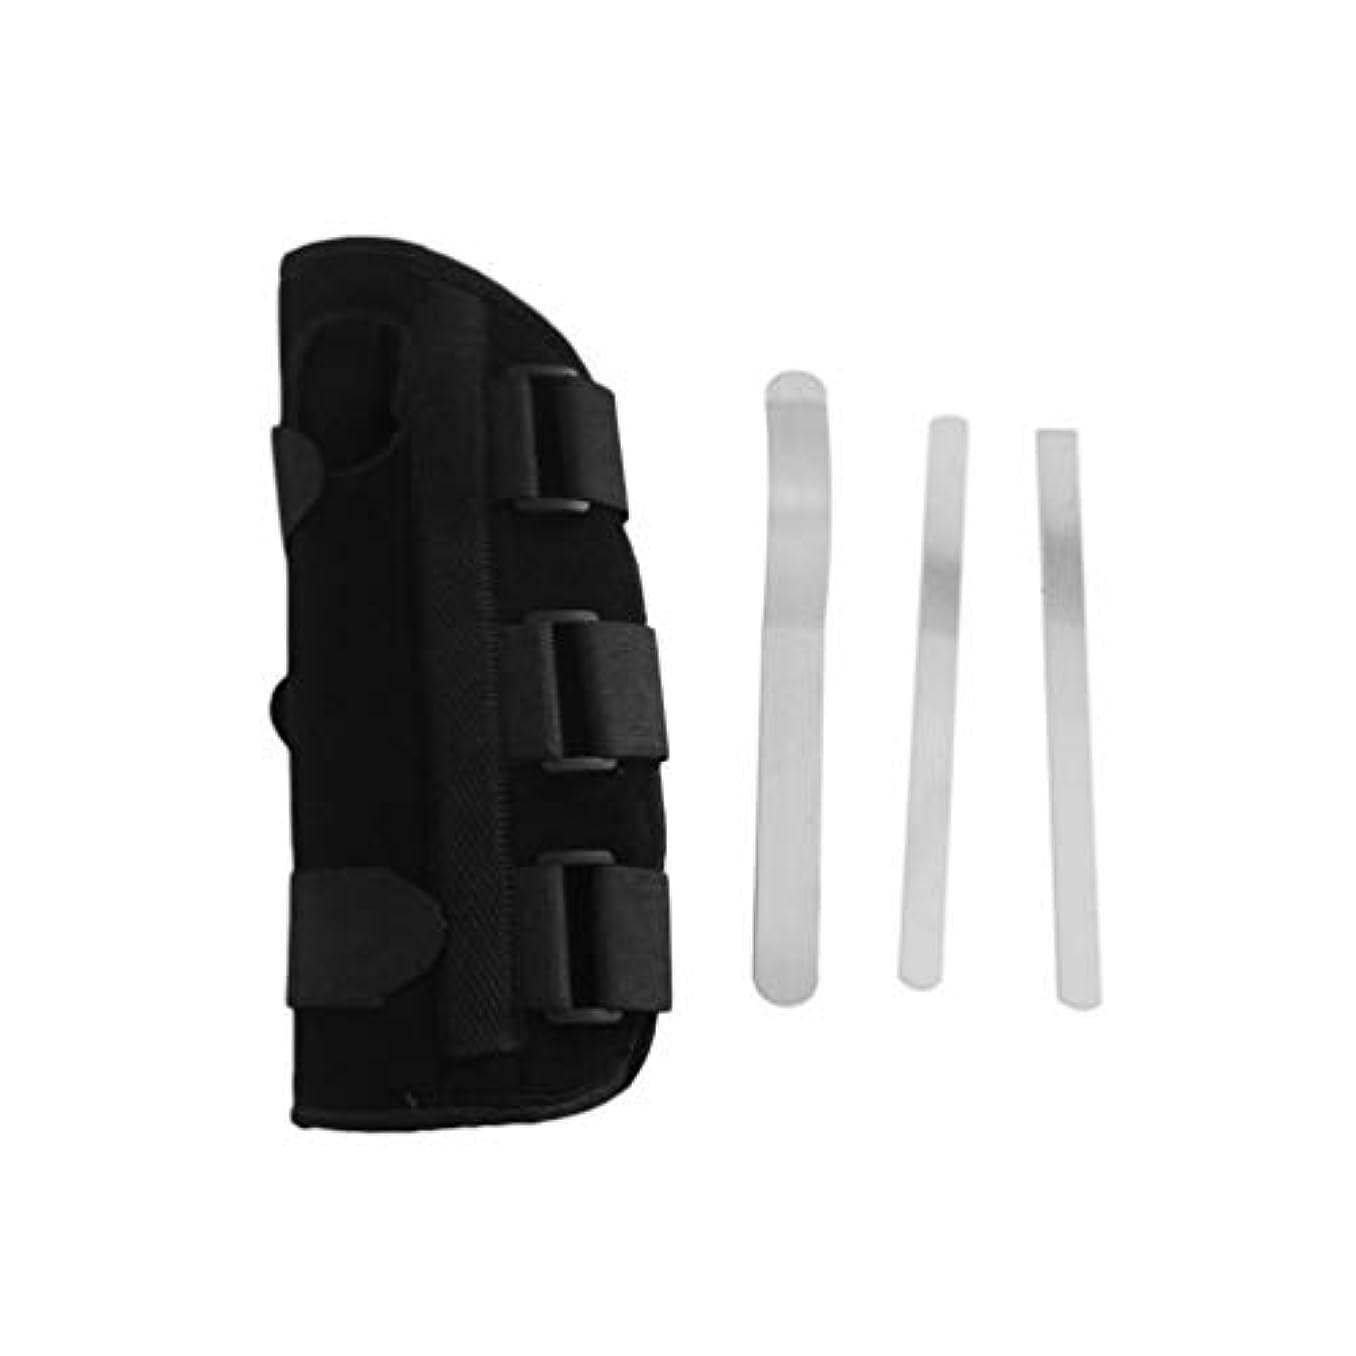 プロテスタント非常に寄付手首副木ブレース保護サポートストラップカルペルトンネルCTS RSI痛み軽減取り外し可能な副木快適な軽量ストラップ - ブラックS